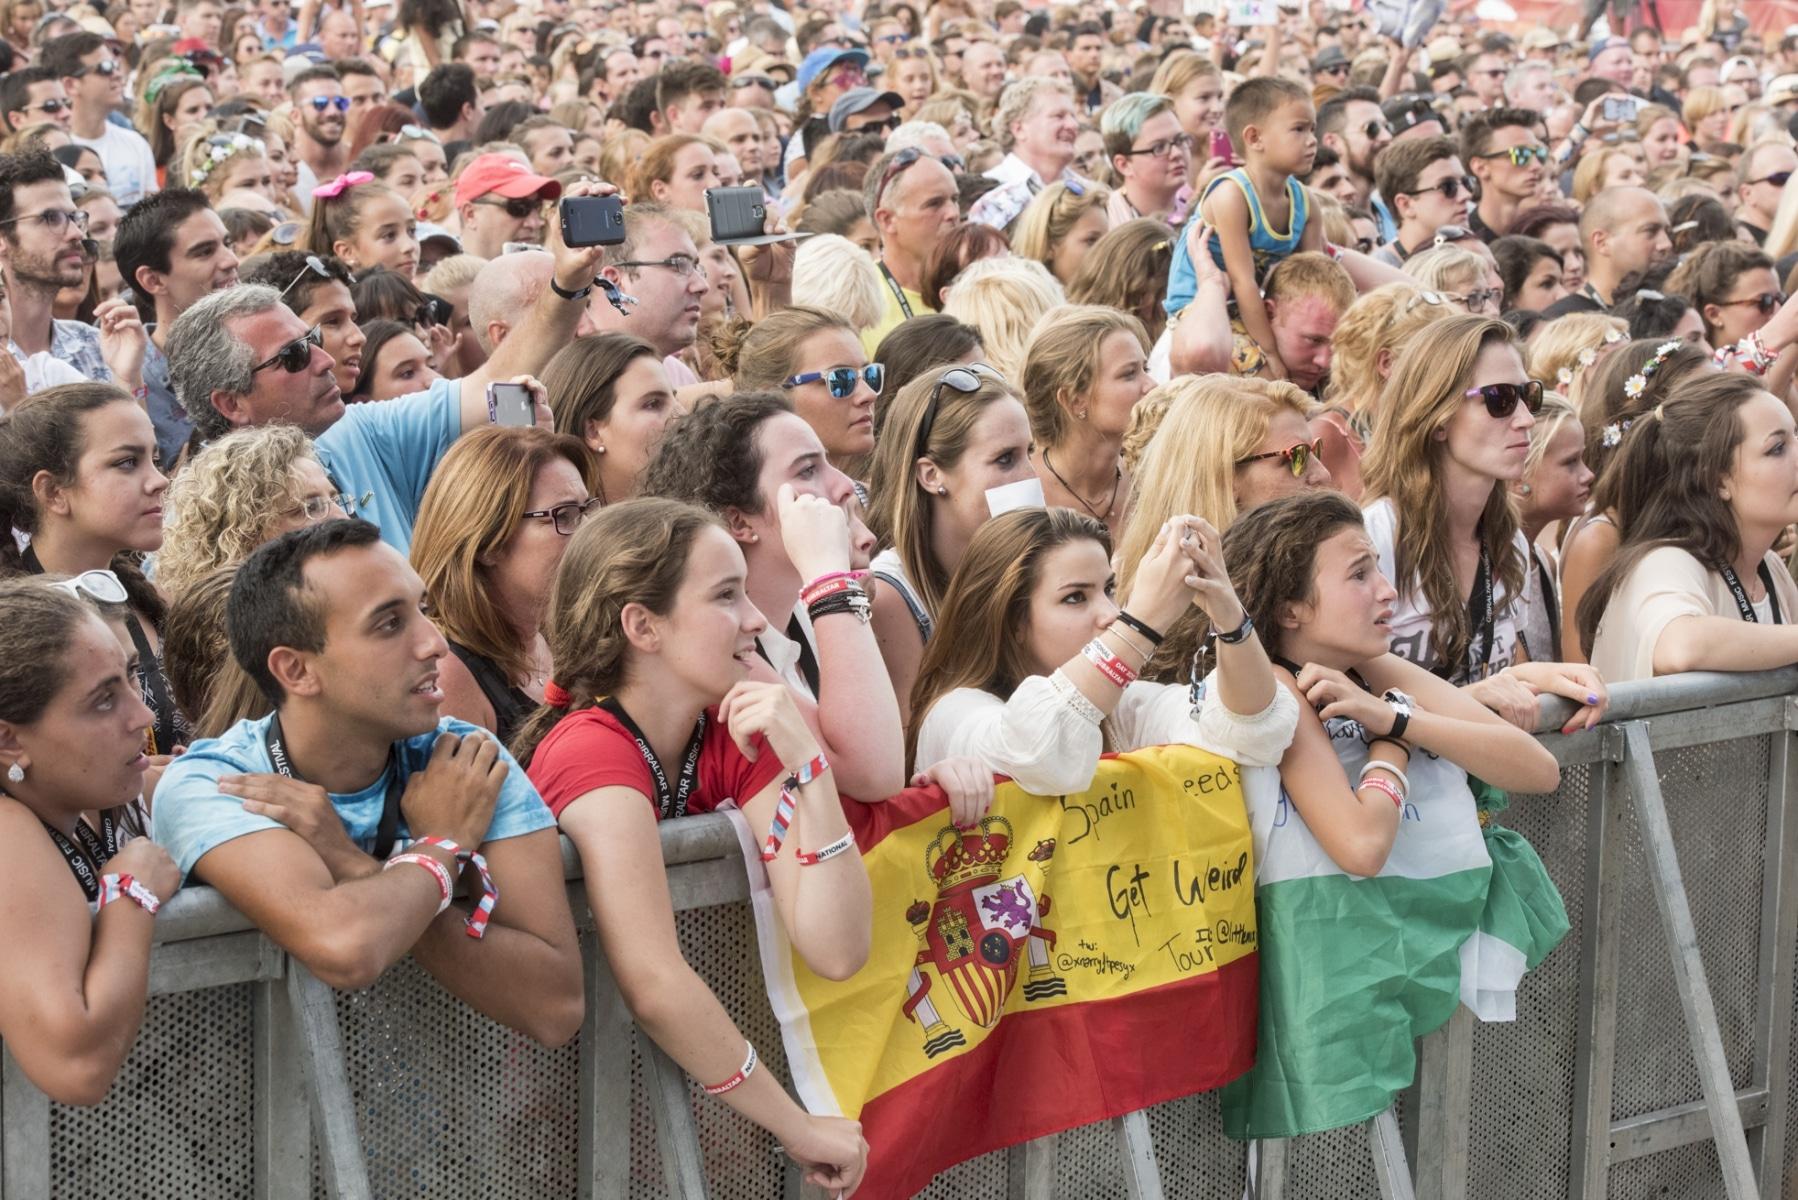 5-septiembre-2015-gibraltar-music-festival-2015-82_21000526399_o